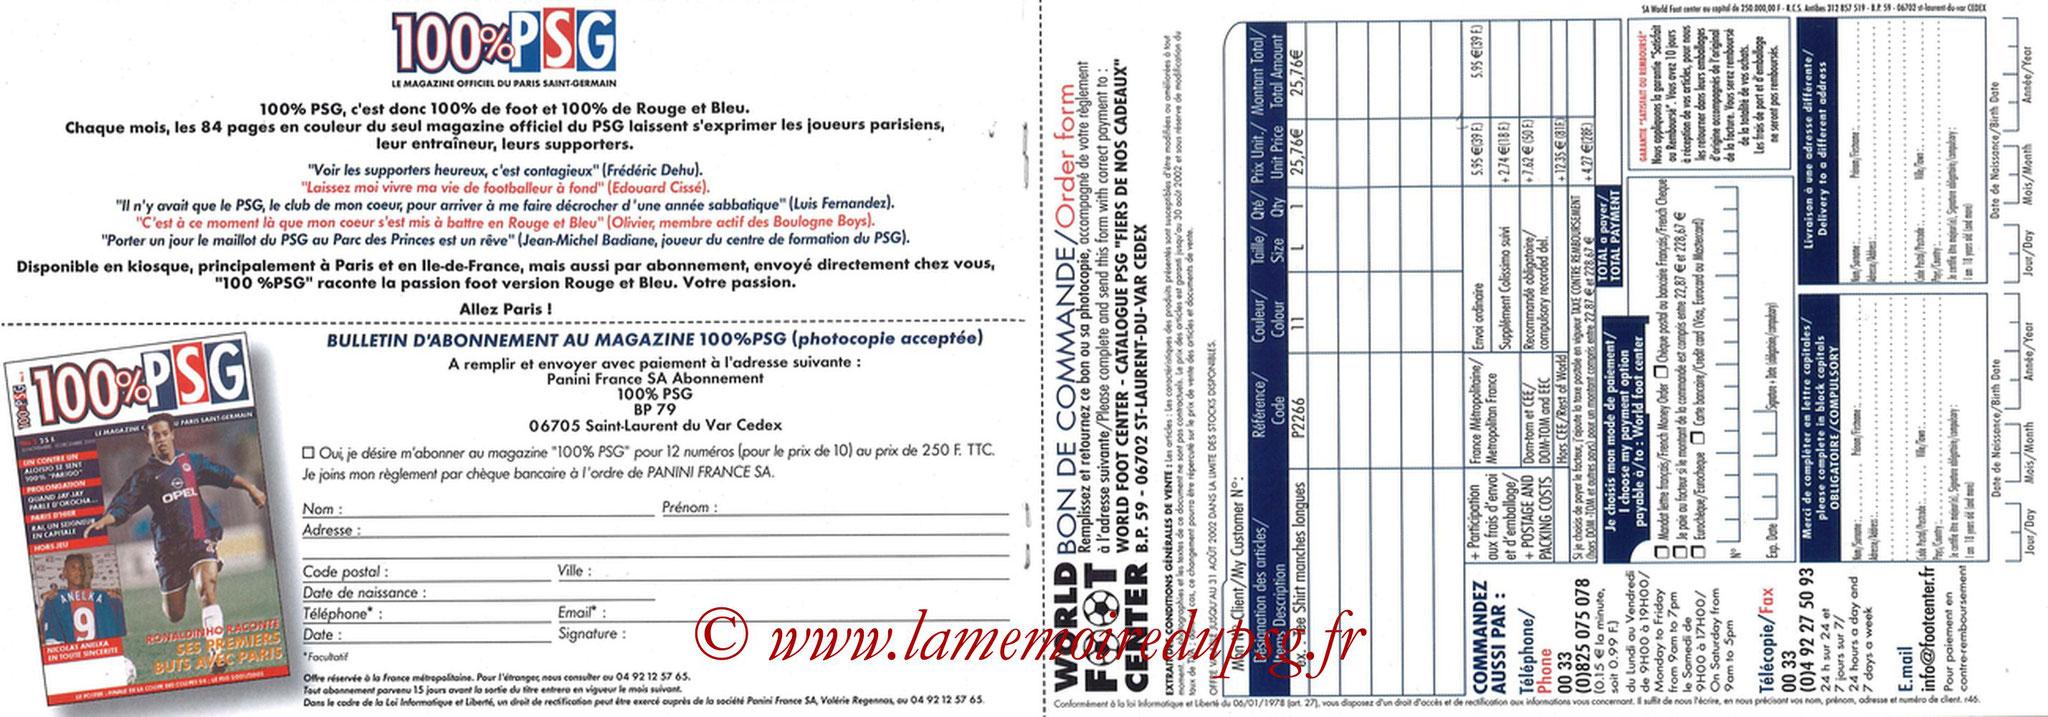 Catalogue PSG - 2001-02 - Noêl - Pages 12 et 13